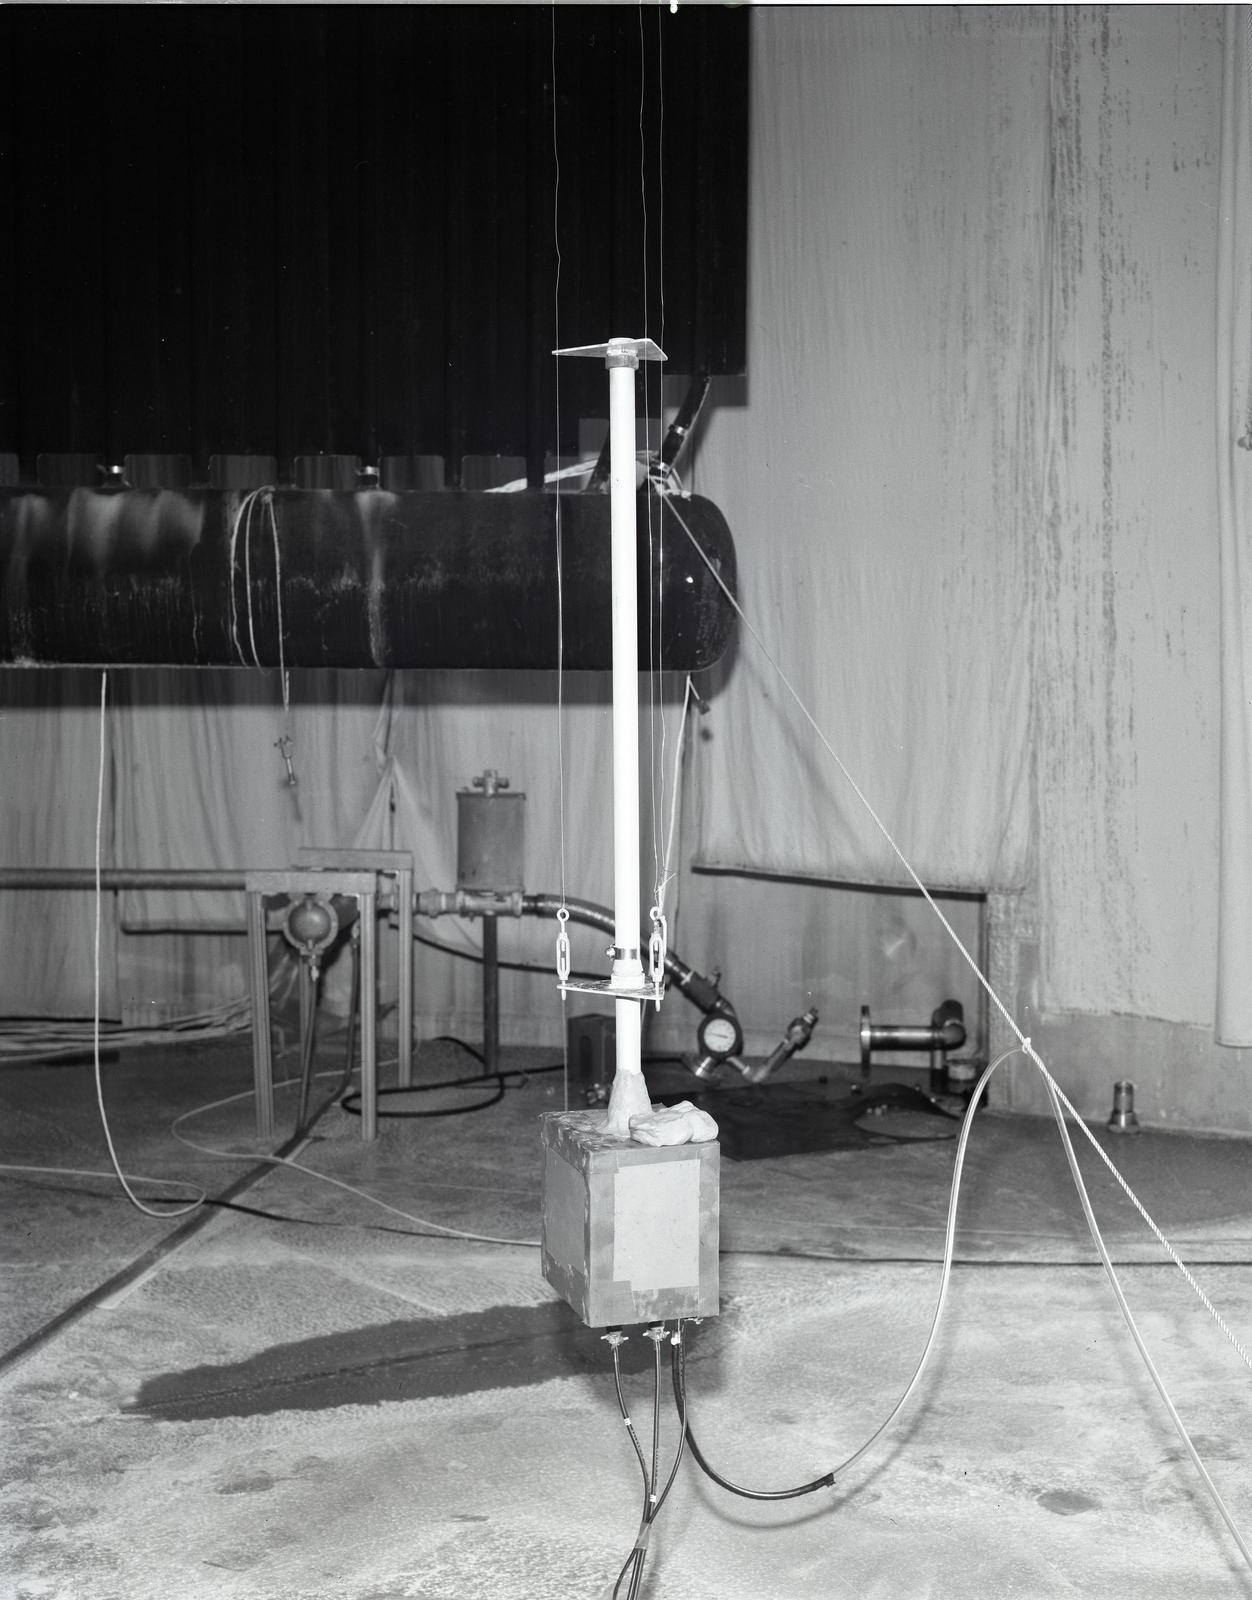 CLOUD PHYSICS EXPERIMENT AT NASA PLUM BROOK STATION